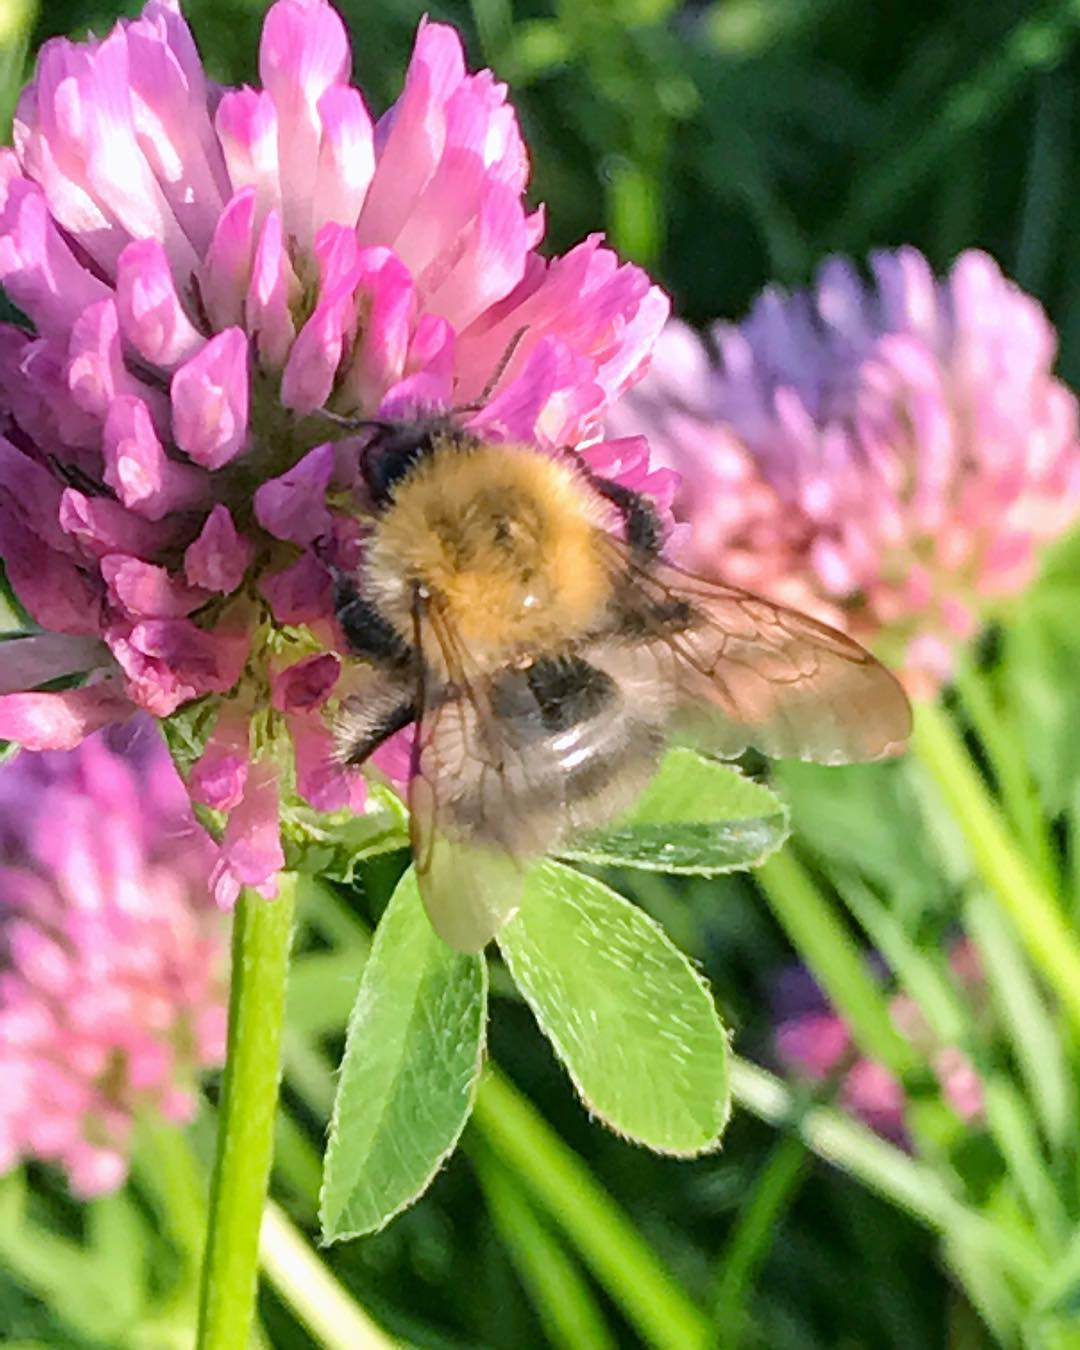 To zaklinany zim Kto si docza Miego wtorku owady powerflowershellip